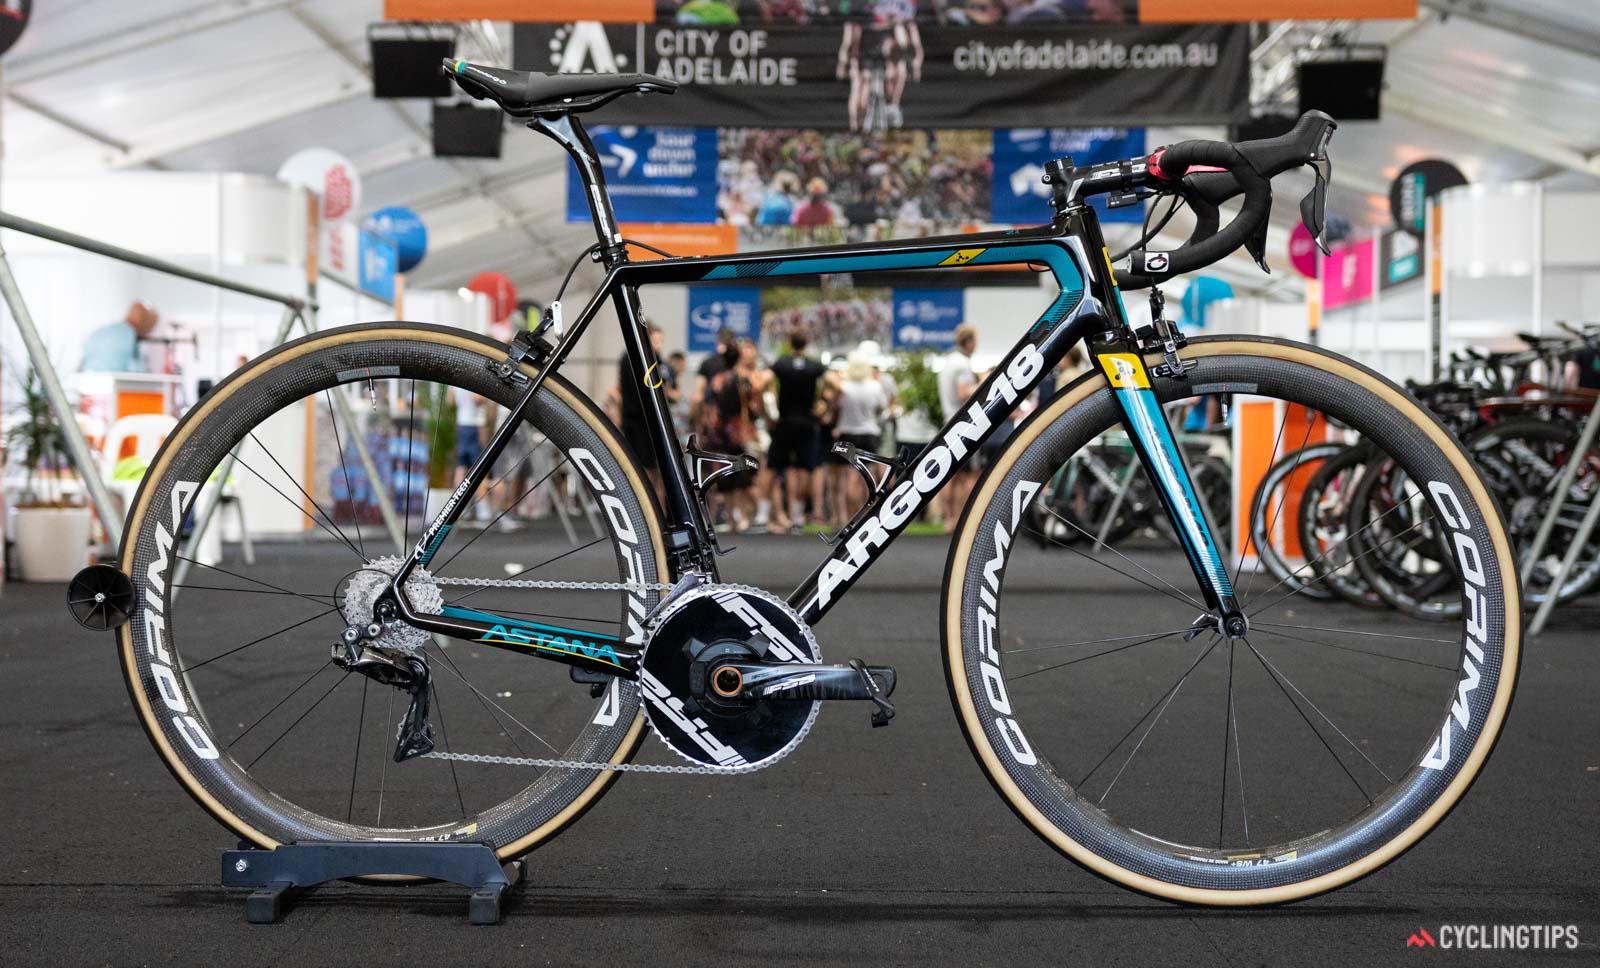 Bicicletas Team Astana